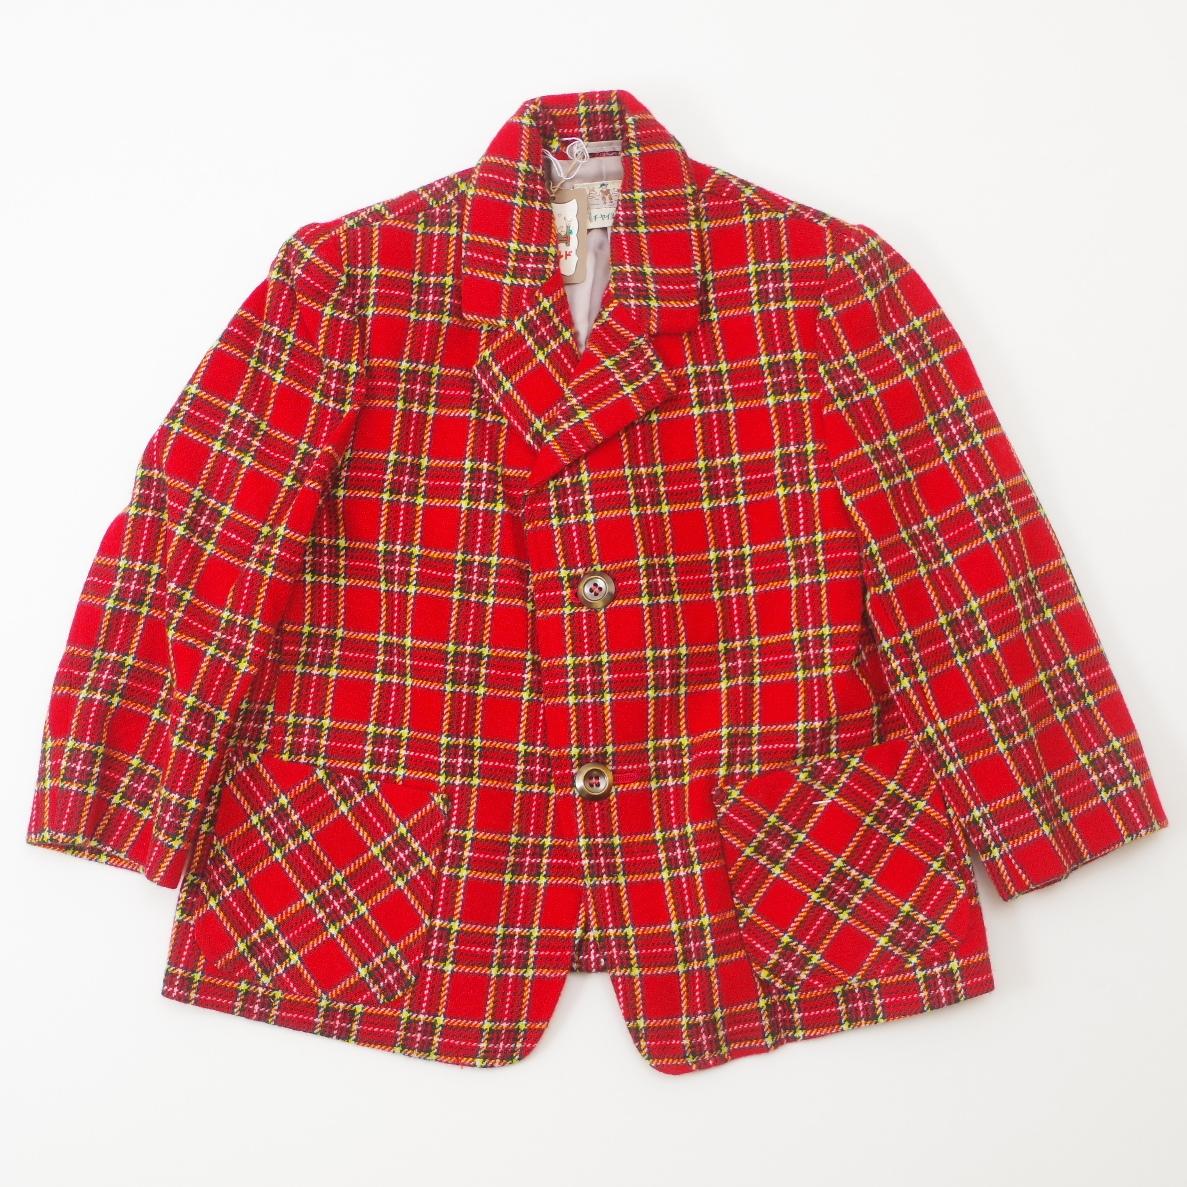 レトロ チャイルドのブレザージャケット 3-4才用 赤色(1811-1585)